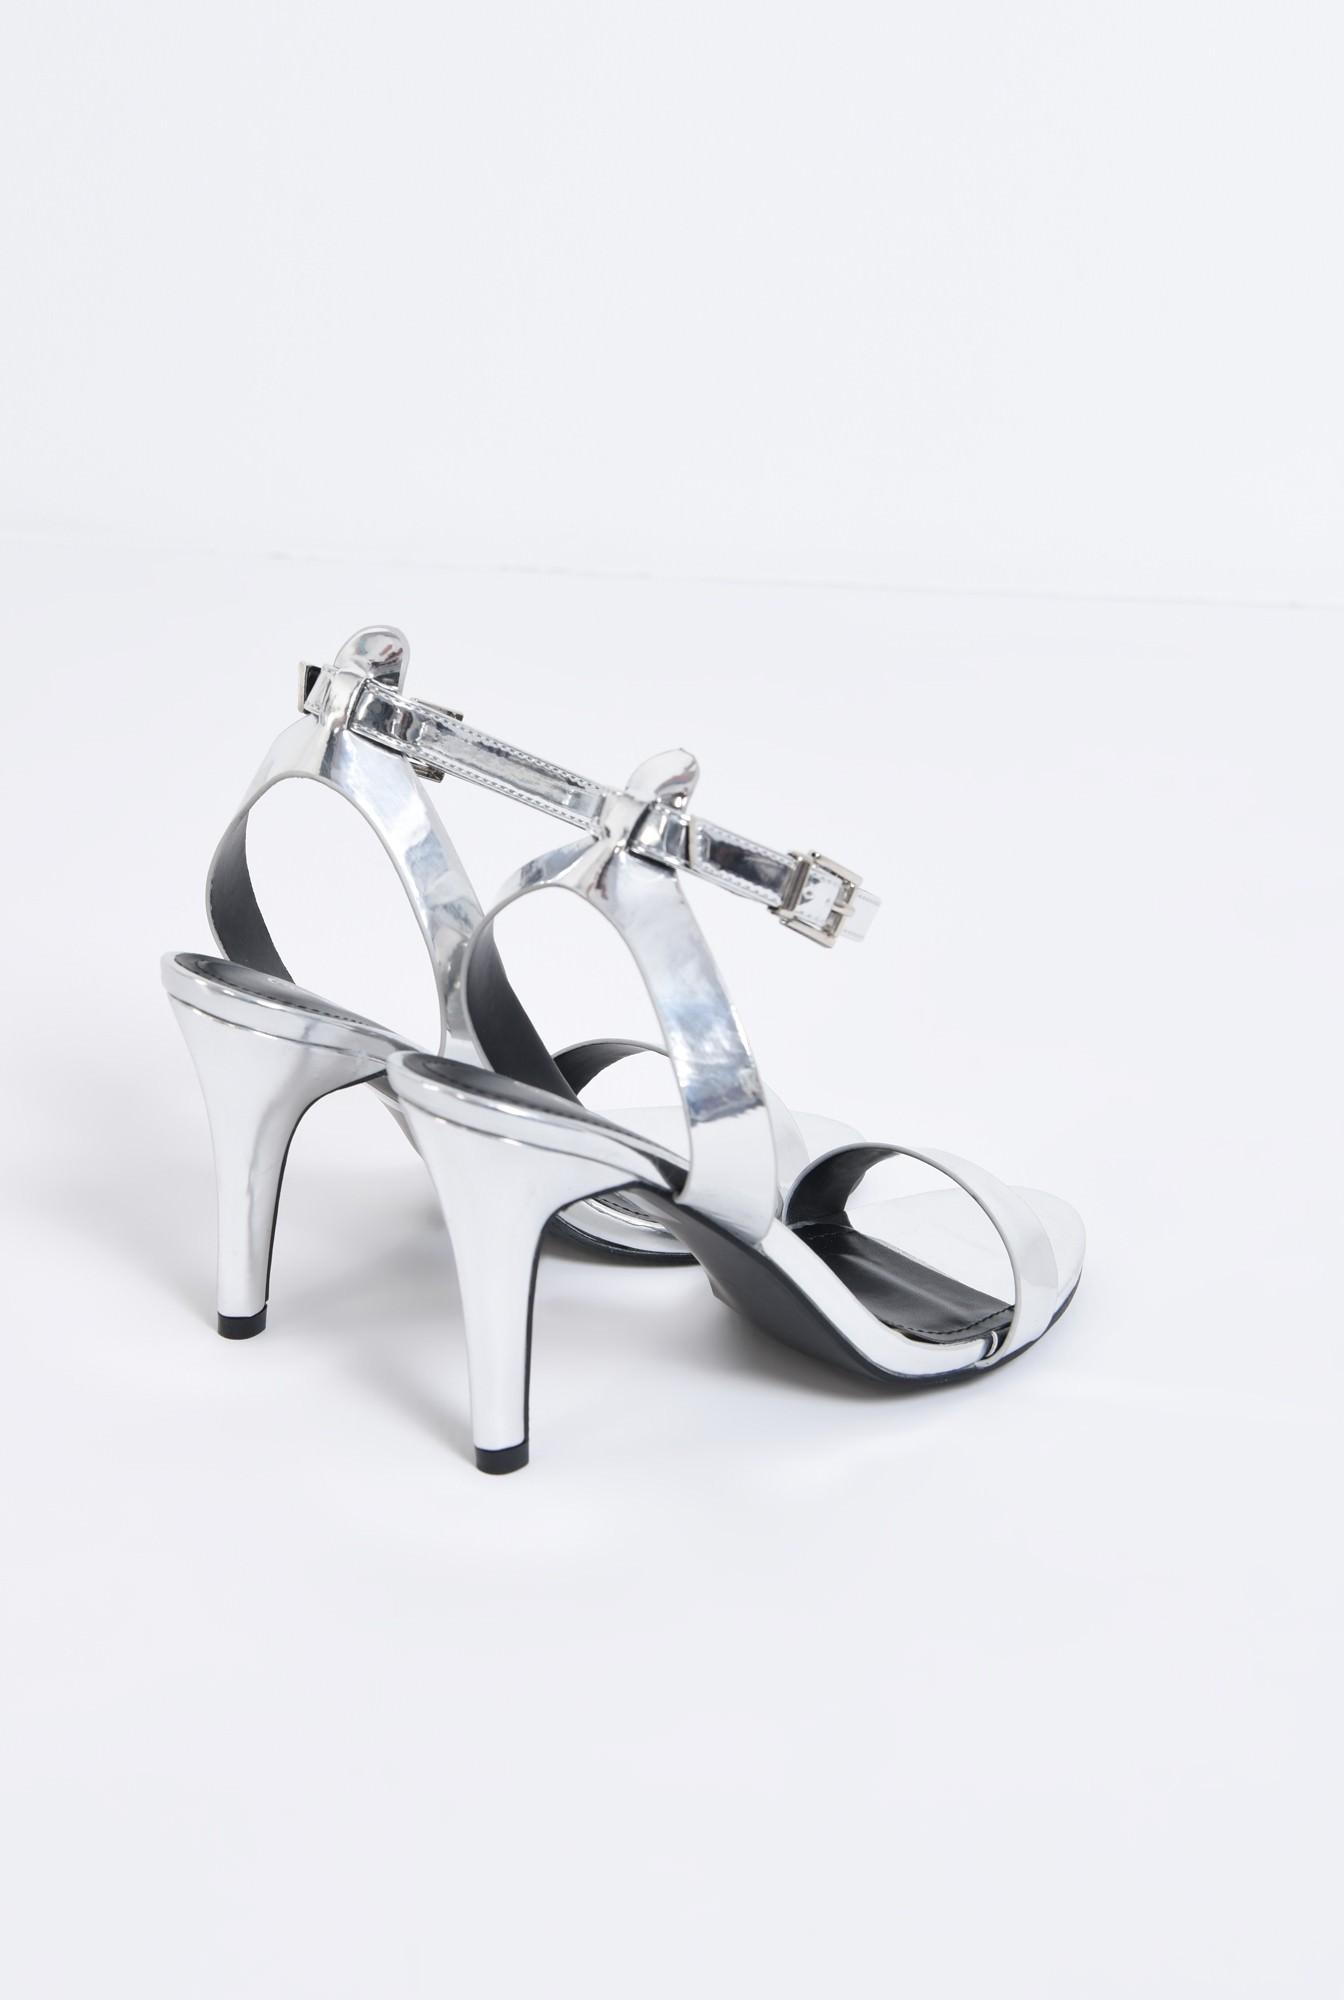 2 - sandale metalice, toc subtire, bareta peste picior